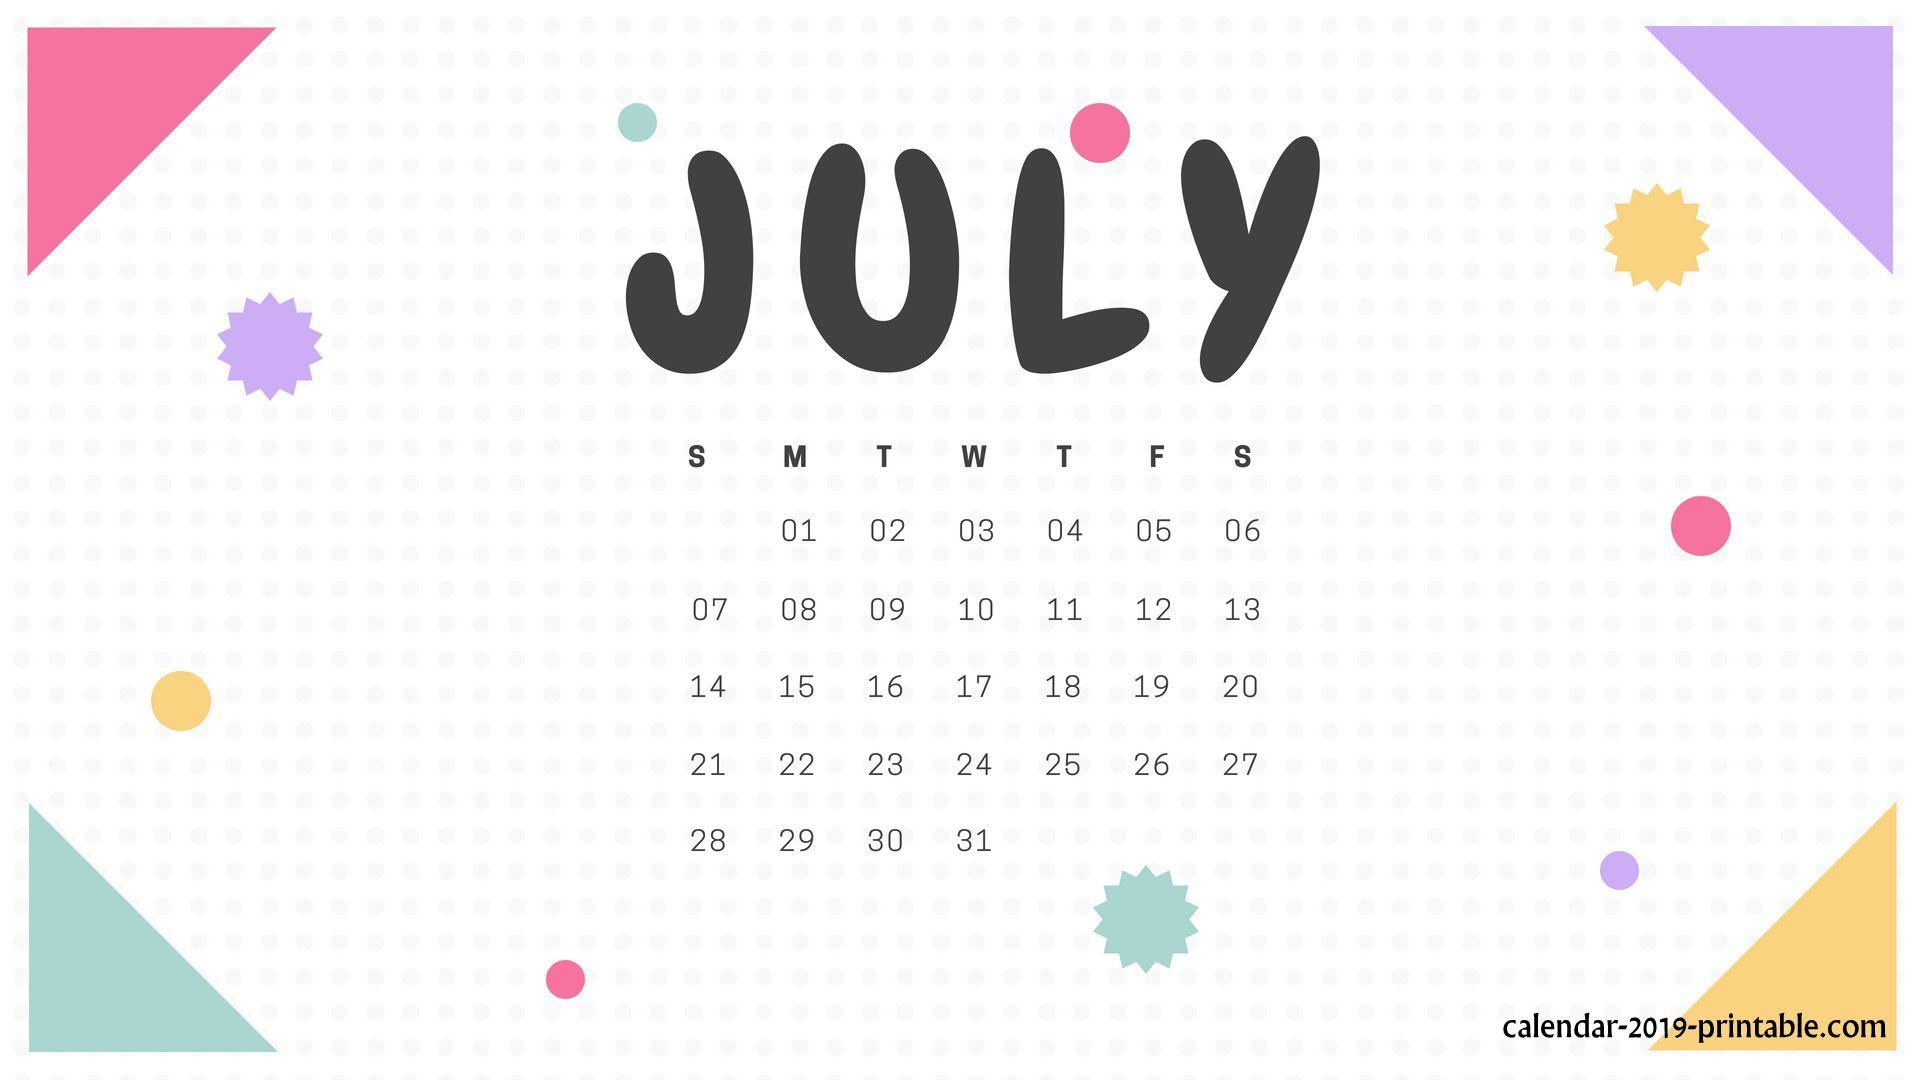 July 2019 Calendar Wallpaper Calendar Wallpaper Desktop Calendar 2019 Calendar